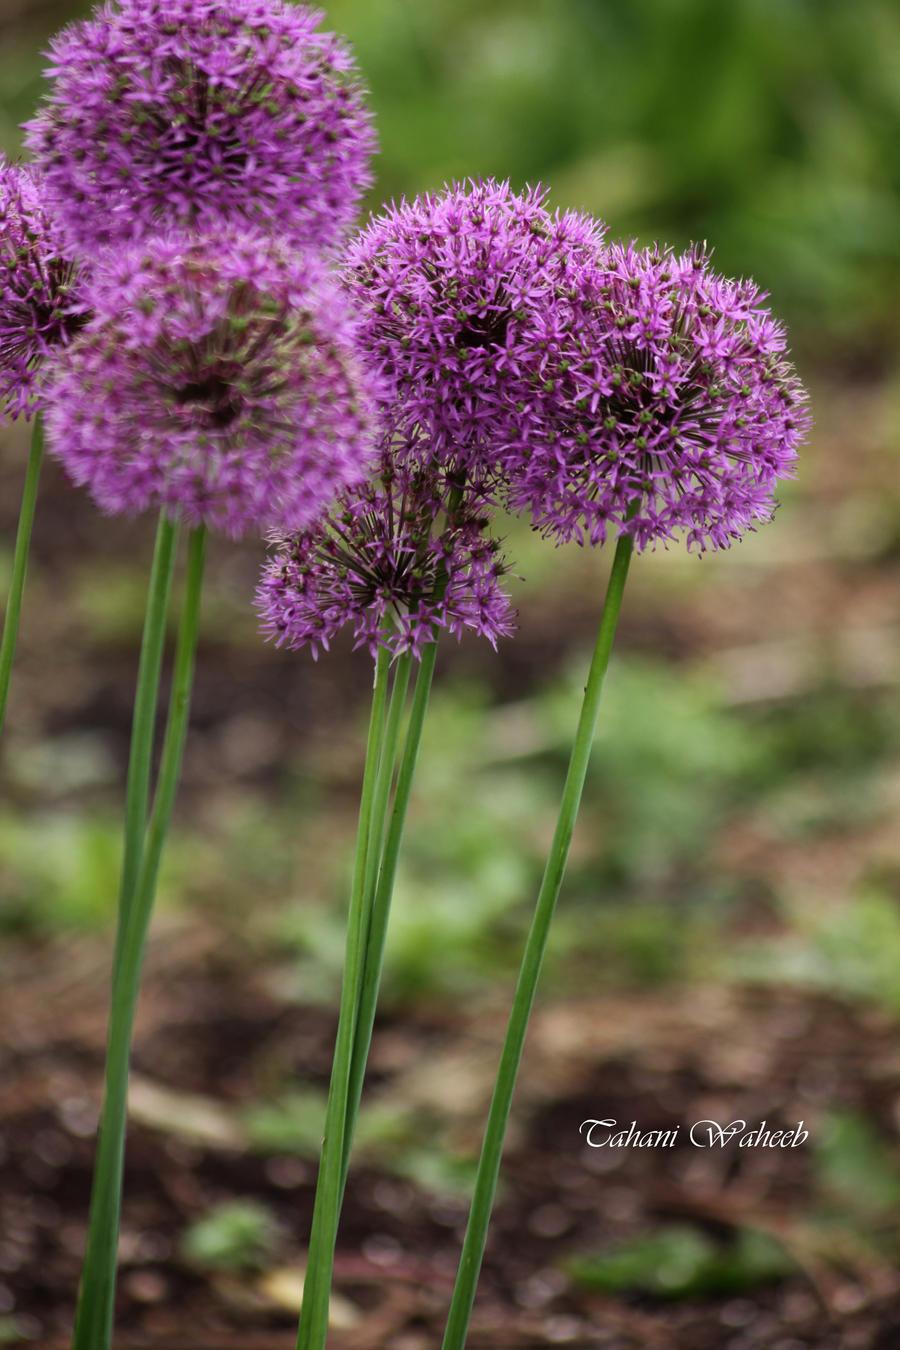 Flower macro 5 by ThePurpleLilac